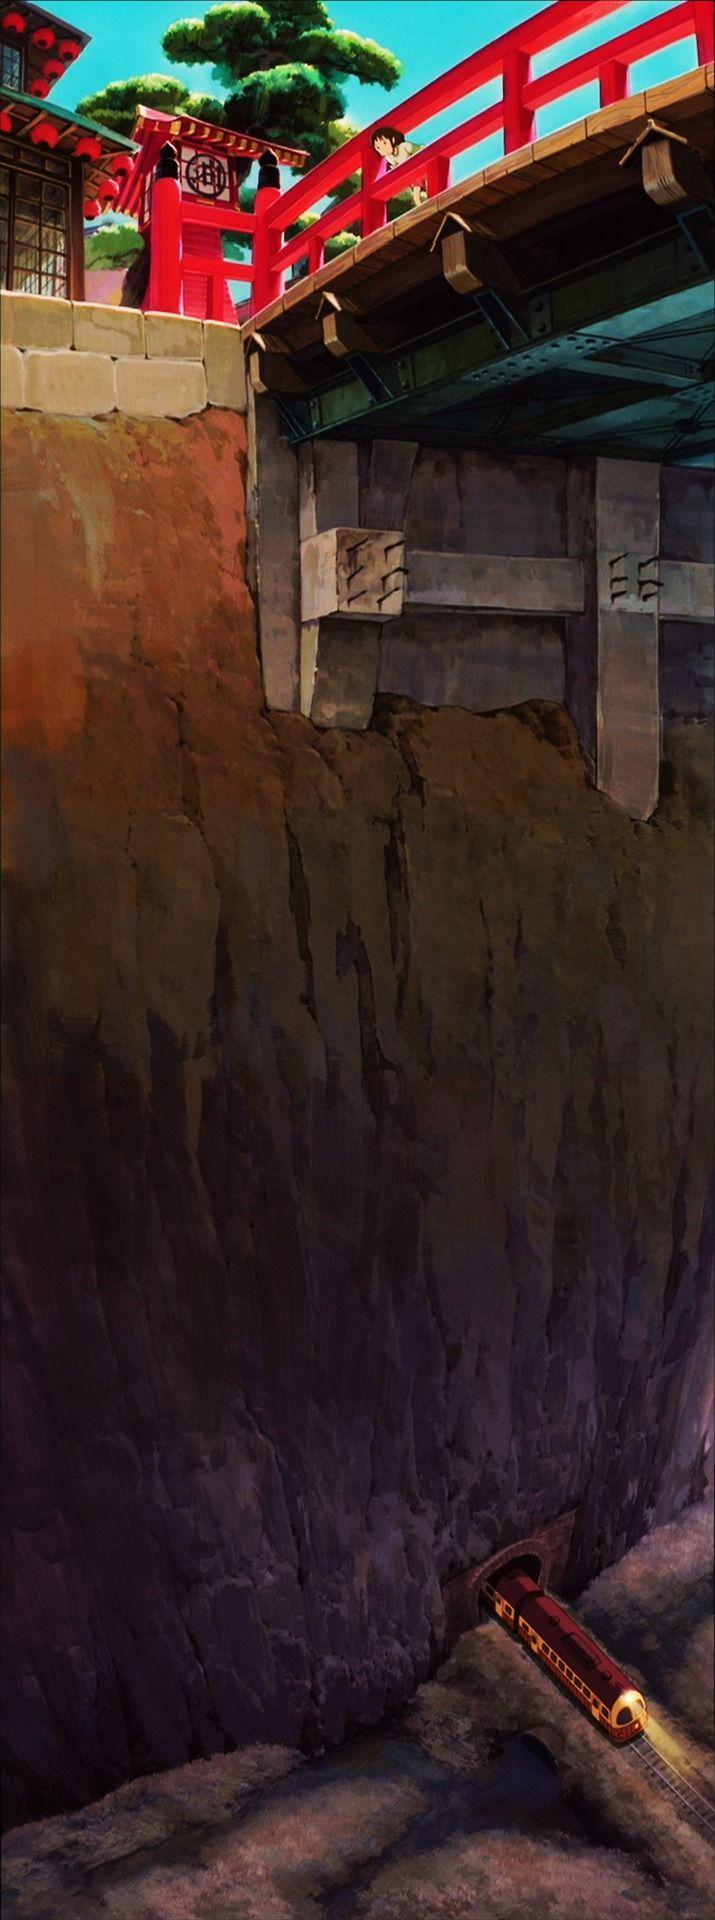 Spirited Away, a Studio Ghibli film